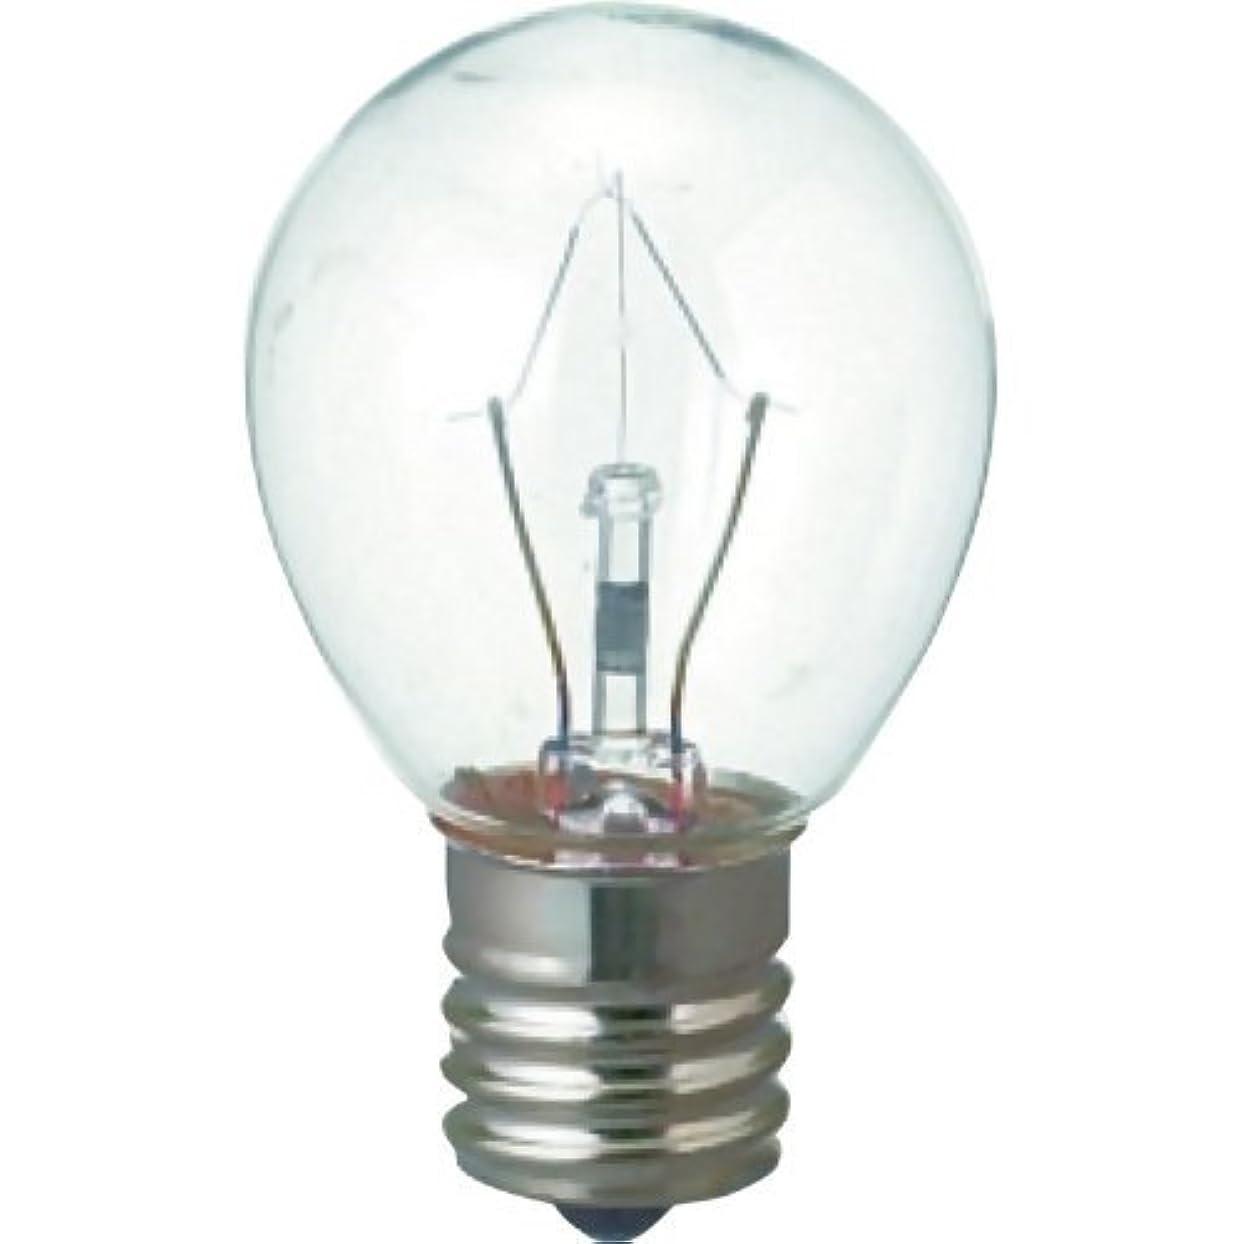 バック突っ込む請負業者アロマランプ電球 100V25W